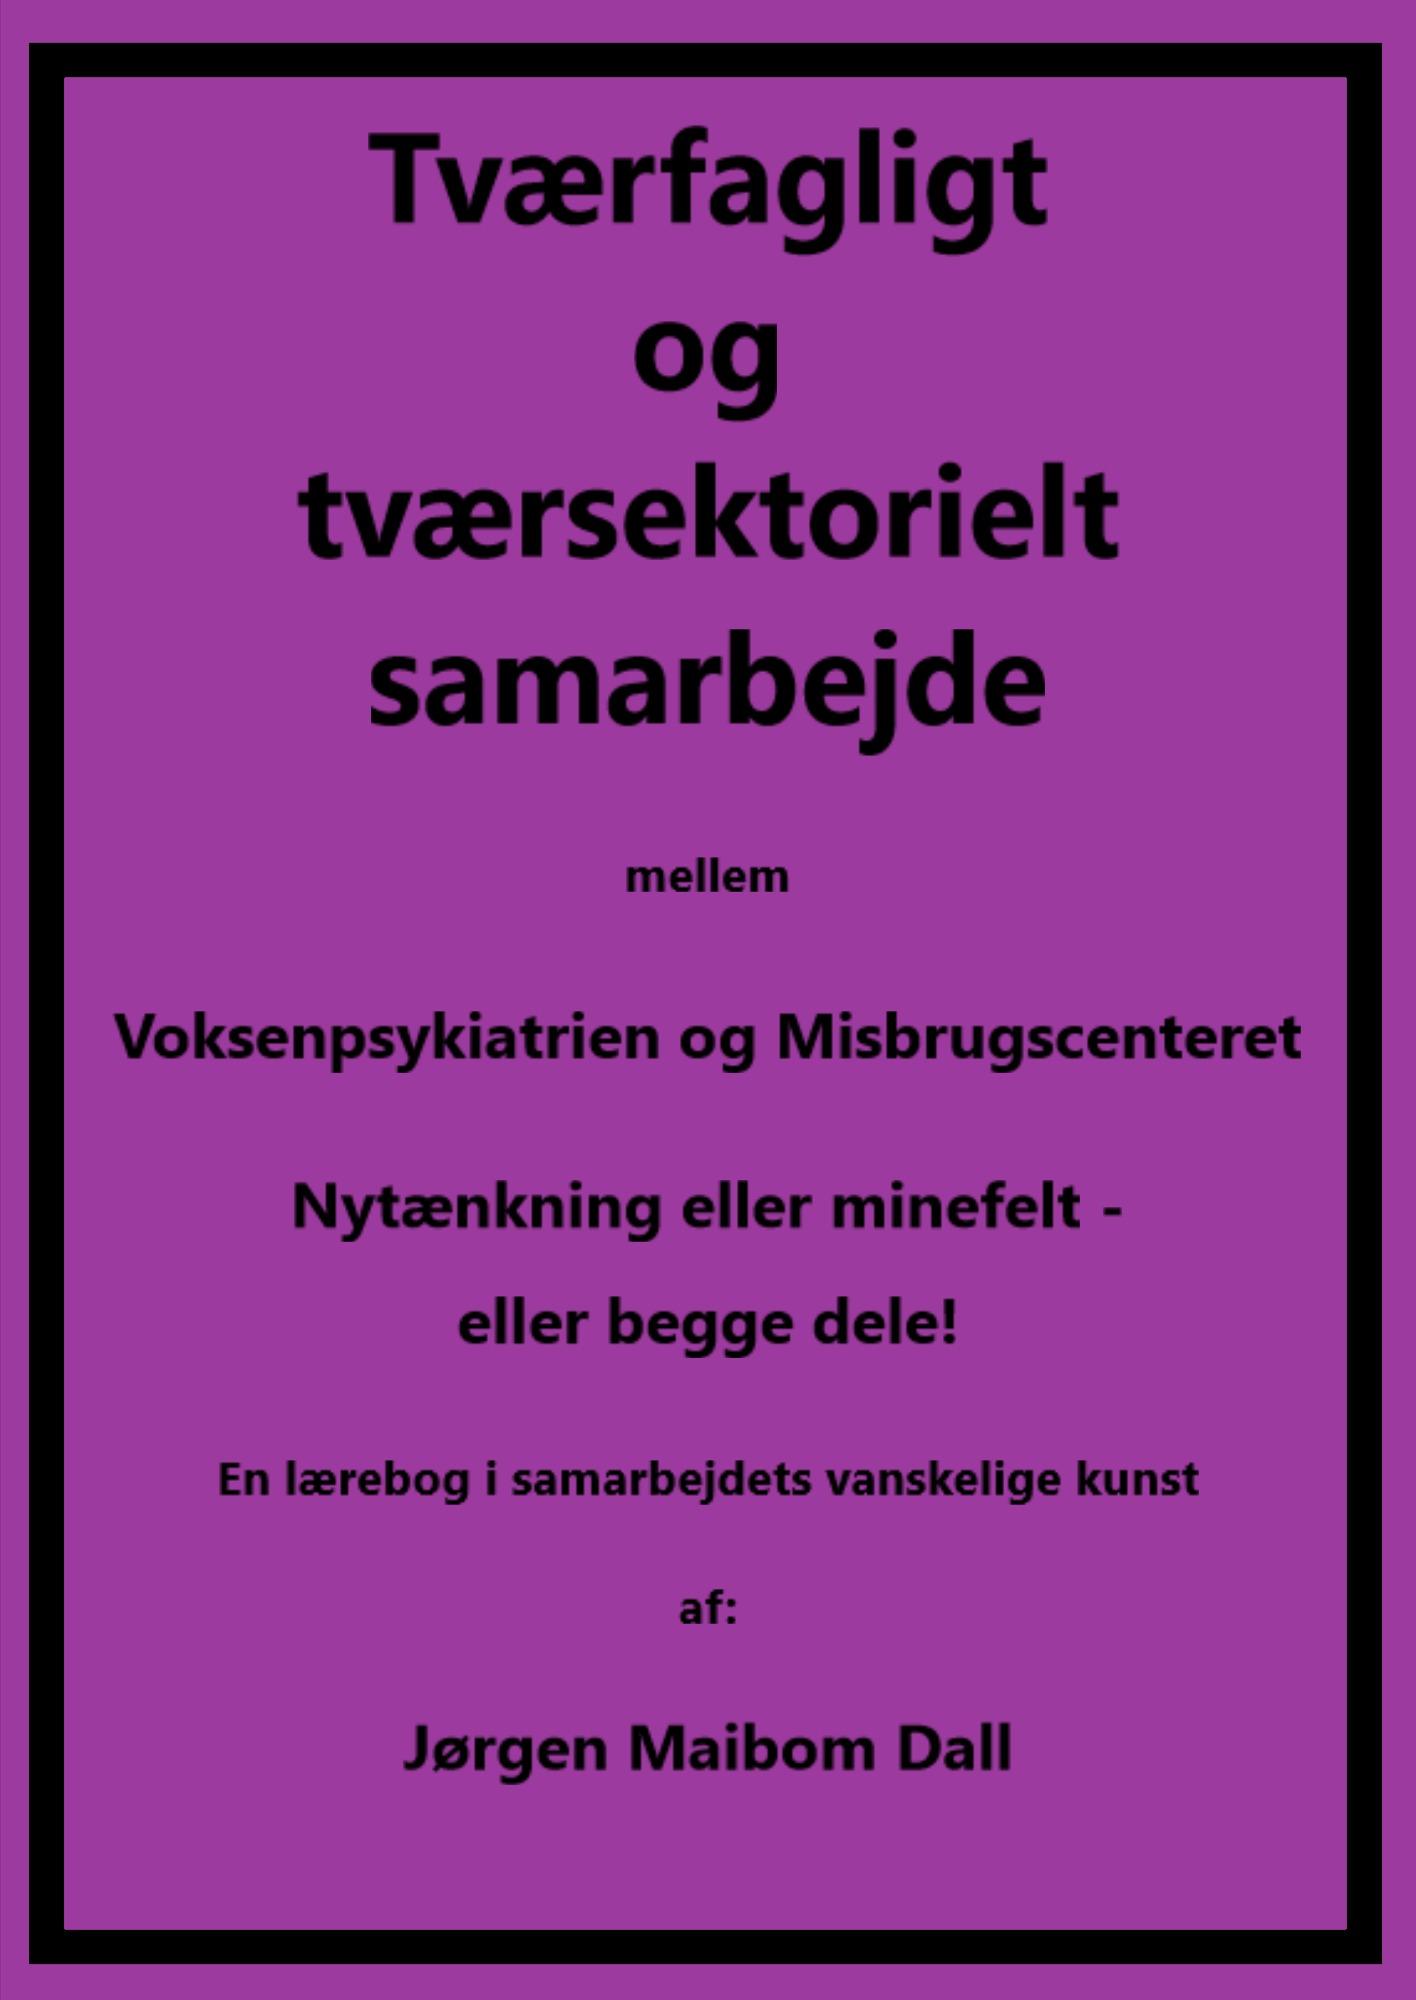 Tværfagligt og tværsektorielt samarbejde mellem Voksenpsykiatrien og Misbrugscenteret, nytænkning eller minefelt - eller begge dele. - E-bog